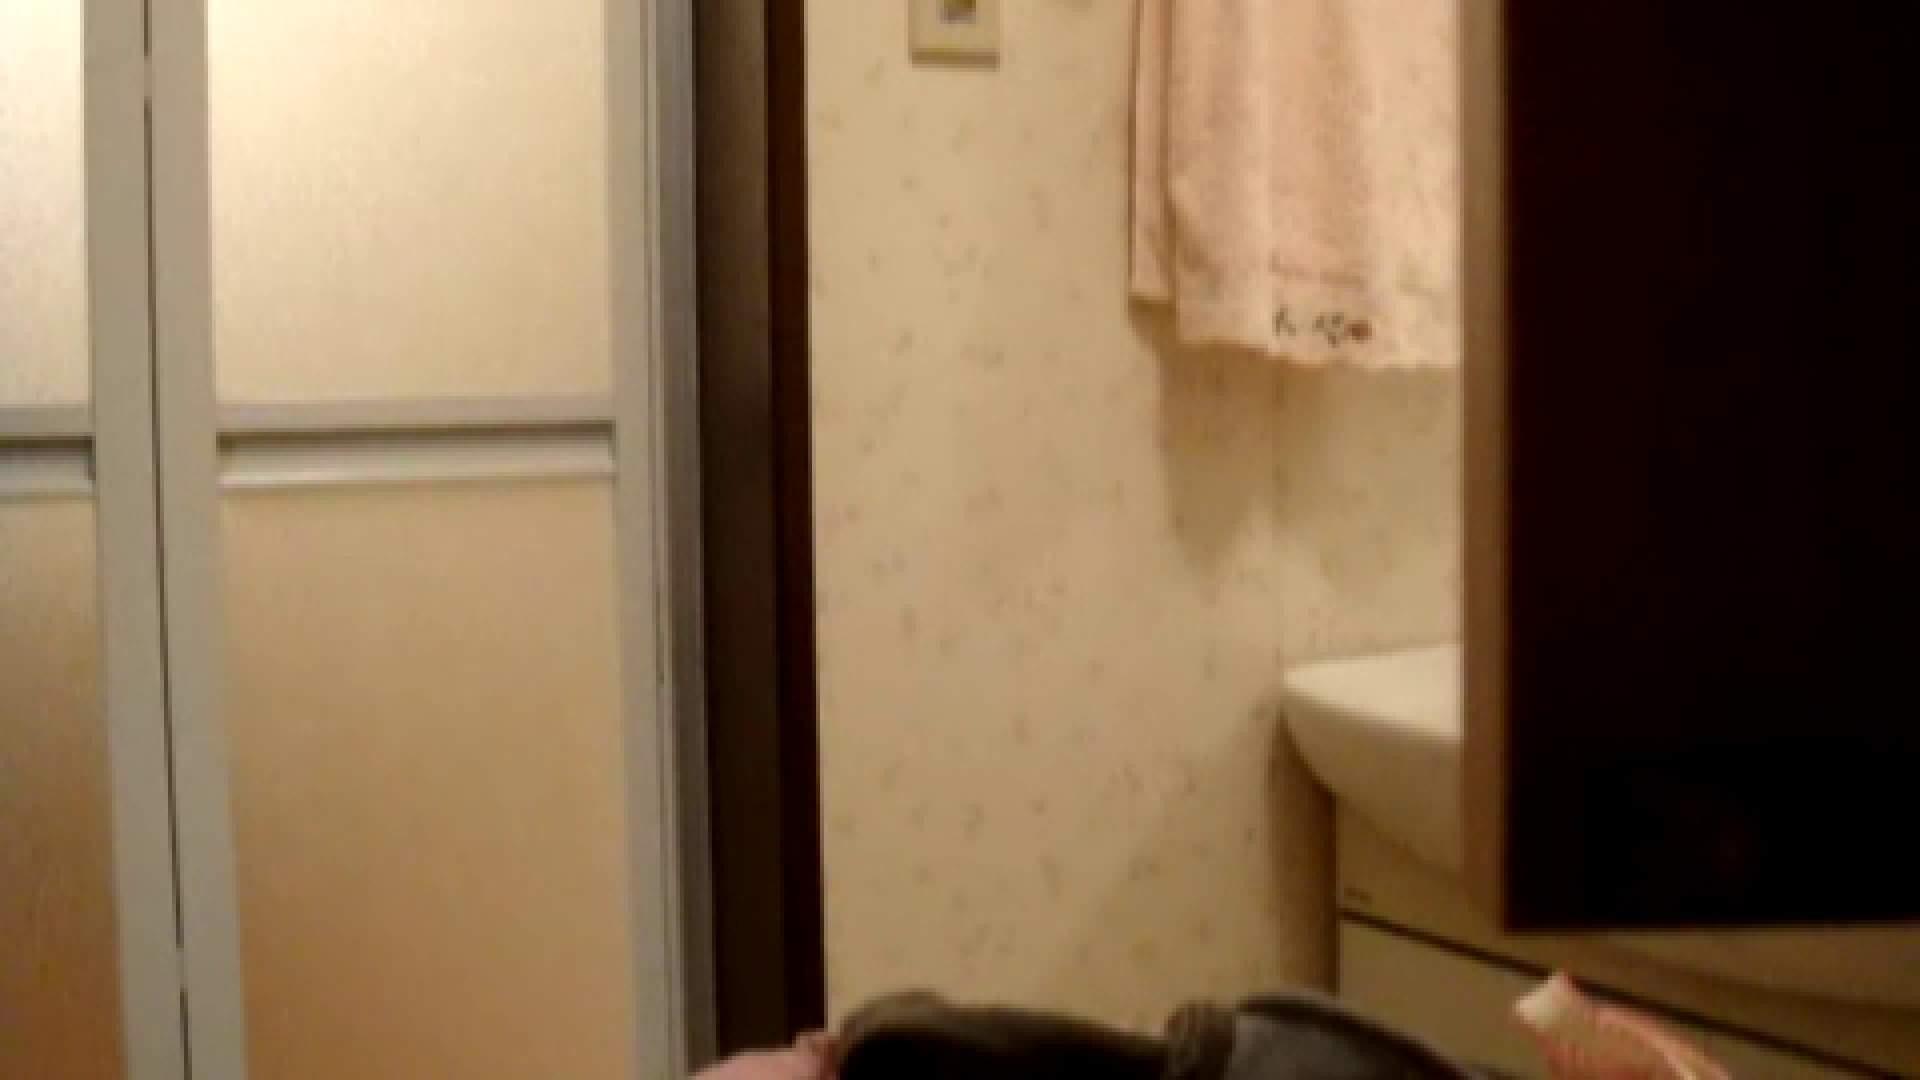 二人とも育てた甲斐がありました… vol.08 まどかの入浴中にカメラに気付いたか!? 入浴 | HなOL  50pic 40